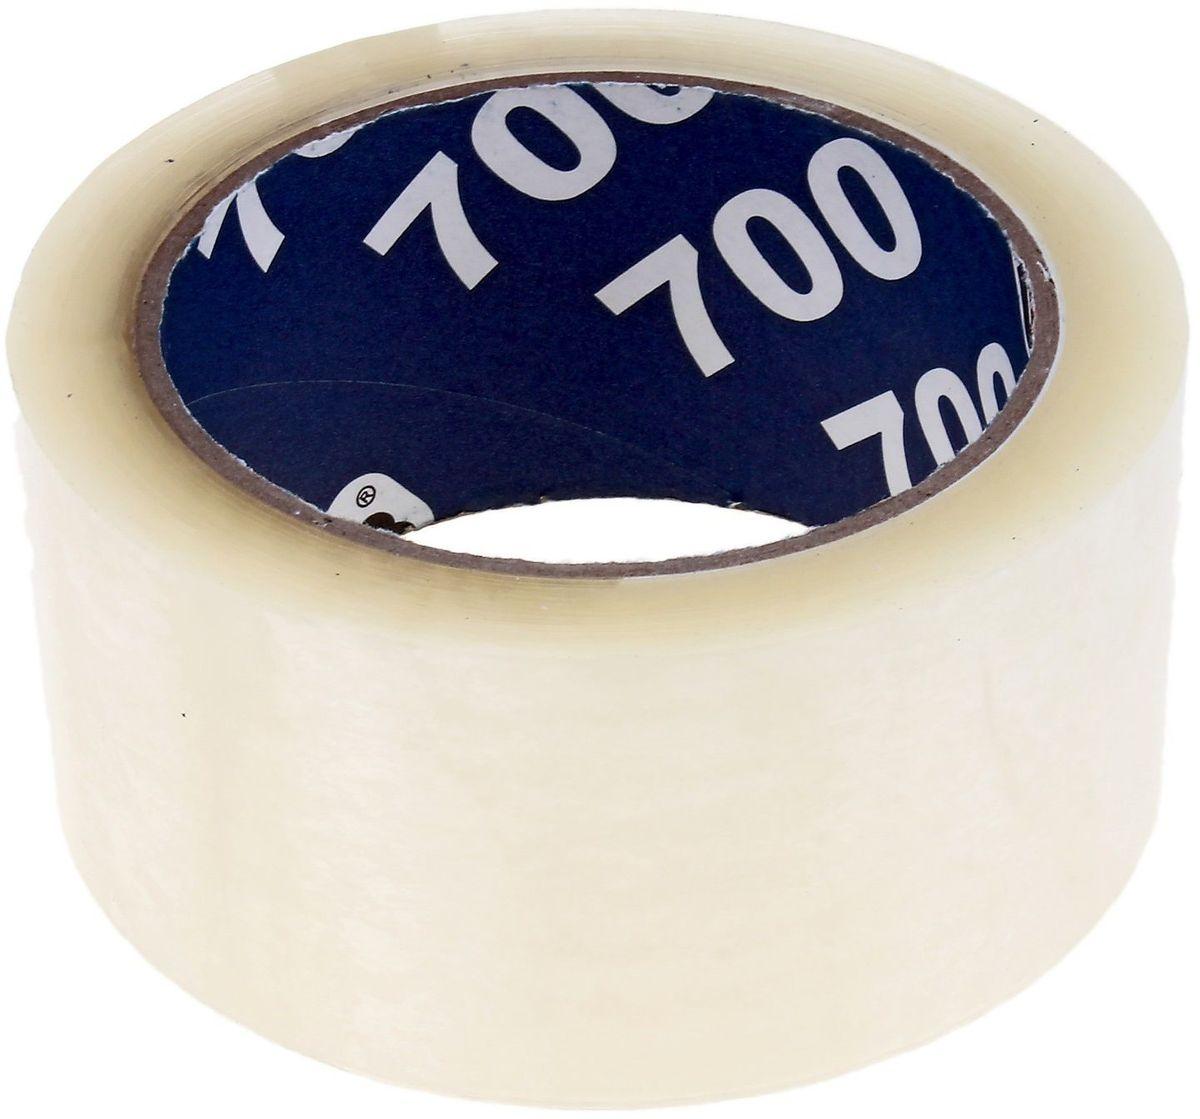 Клейкая лента 48 мм х 66 м цвет прозрачный 691937691937Клейкая лента на полипропиленовой основе это водонепроницаемое изделие, которое способно противостоять широкому диапазону температур. Применяется в быту для упаковки: легких и тяжелых коробок, изготовленных из гофрокартона, строительных смесей, масложировой продукции и мороженого, канцелярских товаров, промышленных товаров. Клейкая лента поможет скрепить предметы в любой ситуации, например, если вы делаете ремонт или меняете место жительства и пакуете коробки.